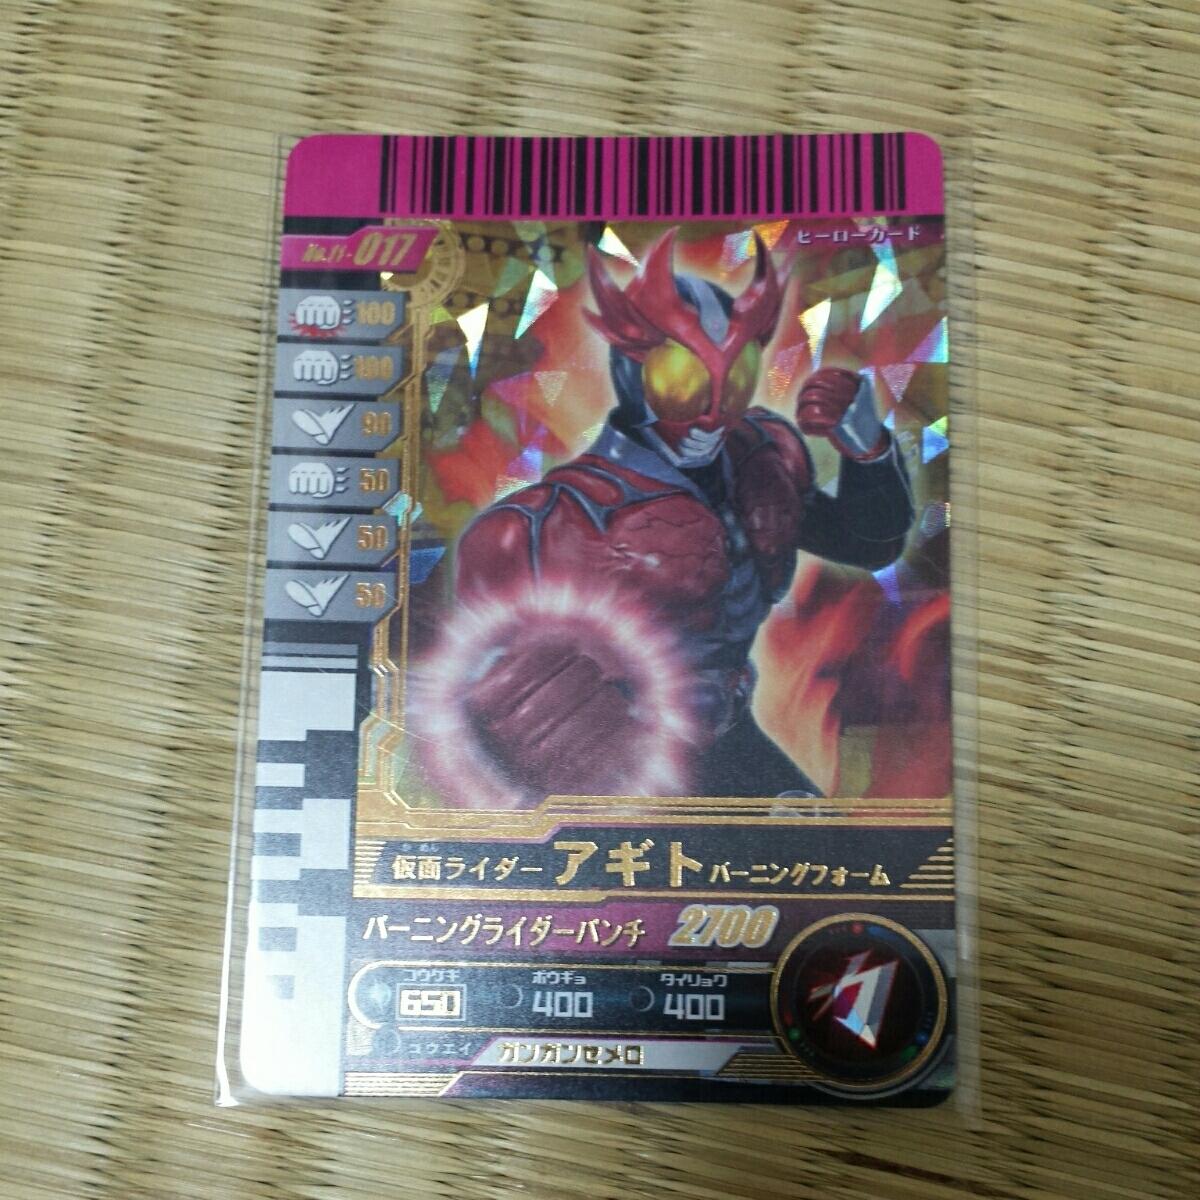 仮面ライダーバトル ガンバライド 11-017 仮面ライダーアギト バーニングフォーム レジェンドレア LR